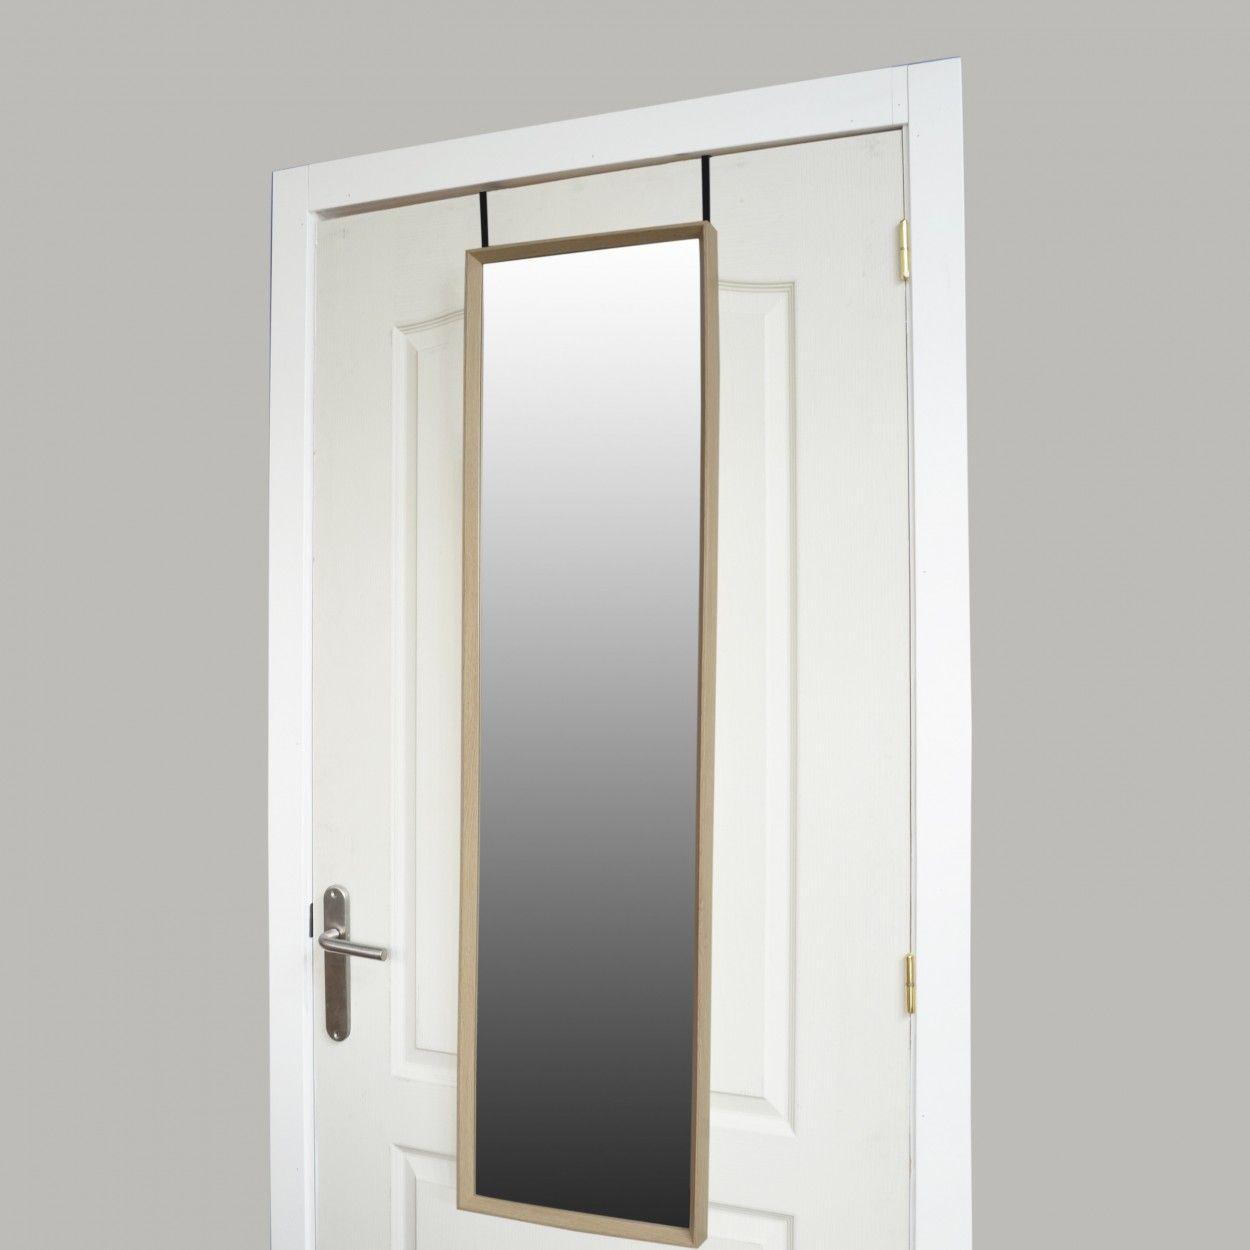 Espejo para puerta de dormitorio bassic hogar y m s for Espejo pared dormitorio